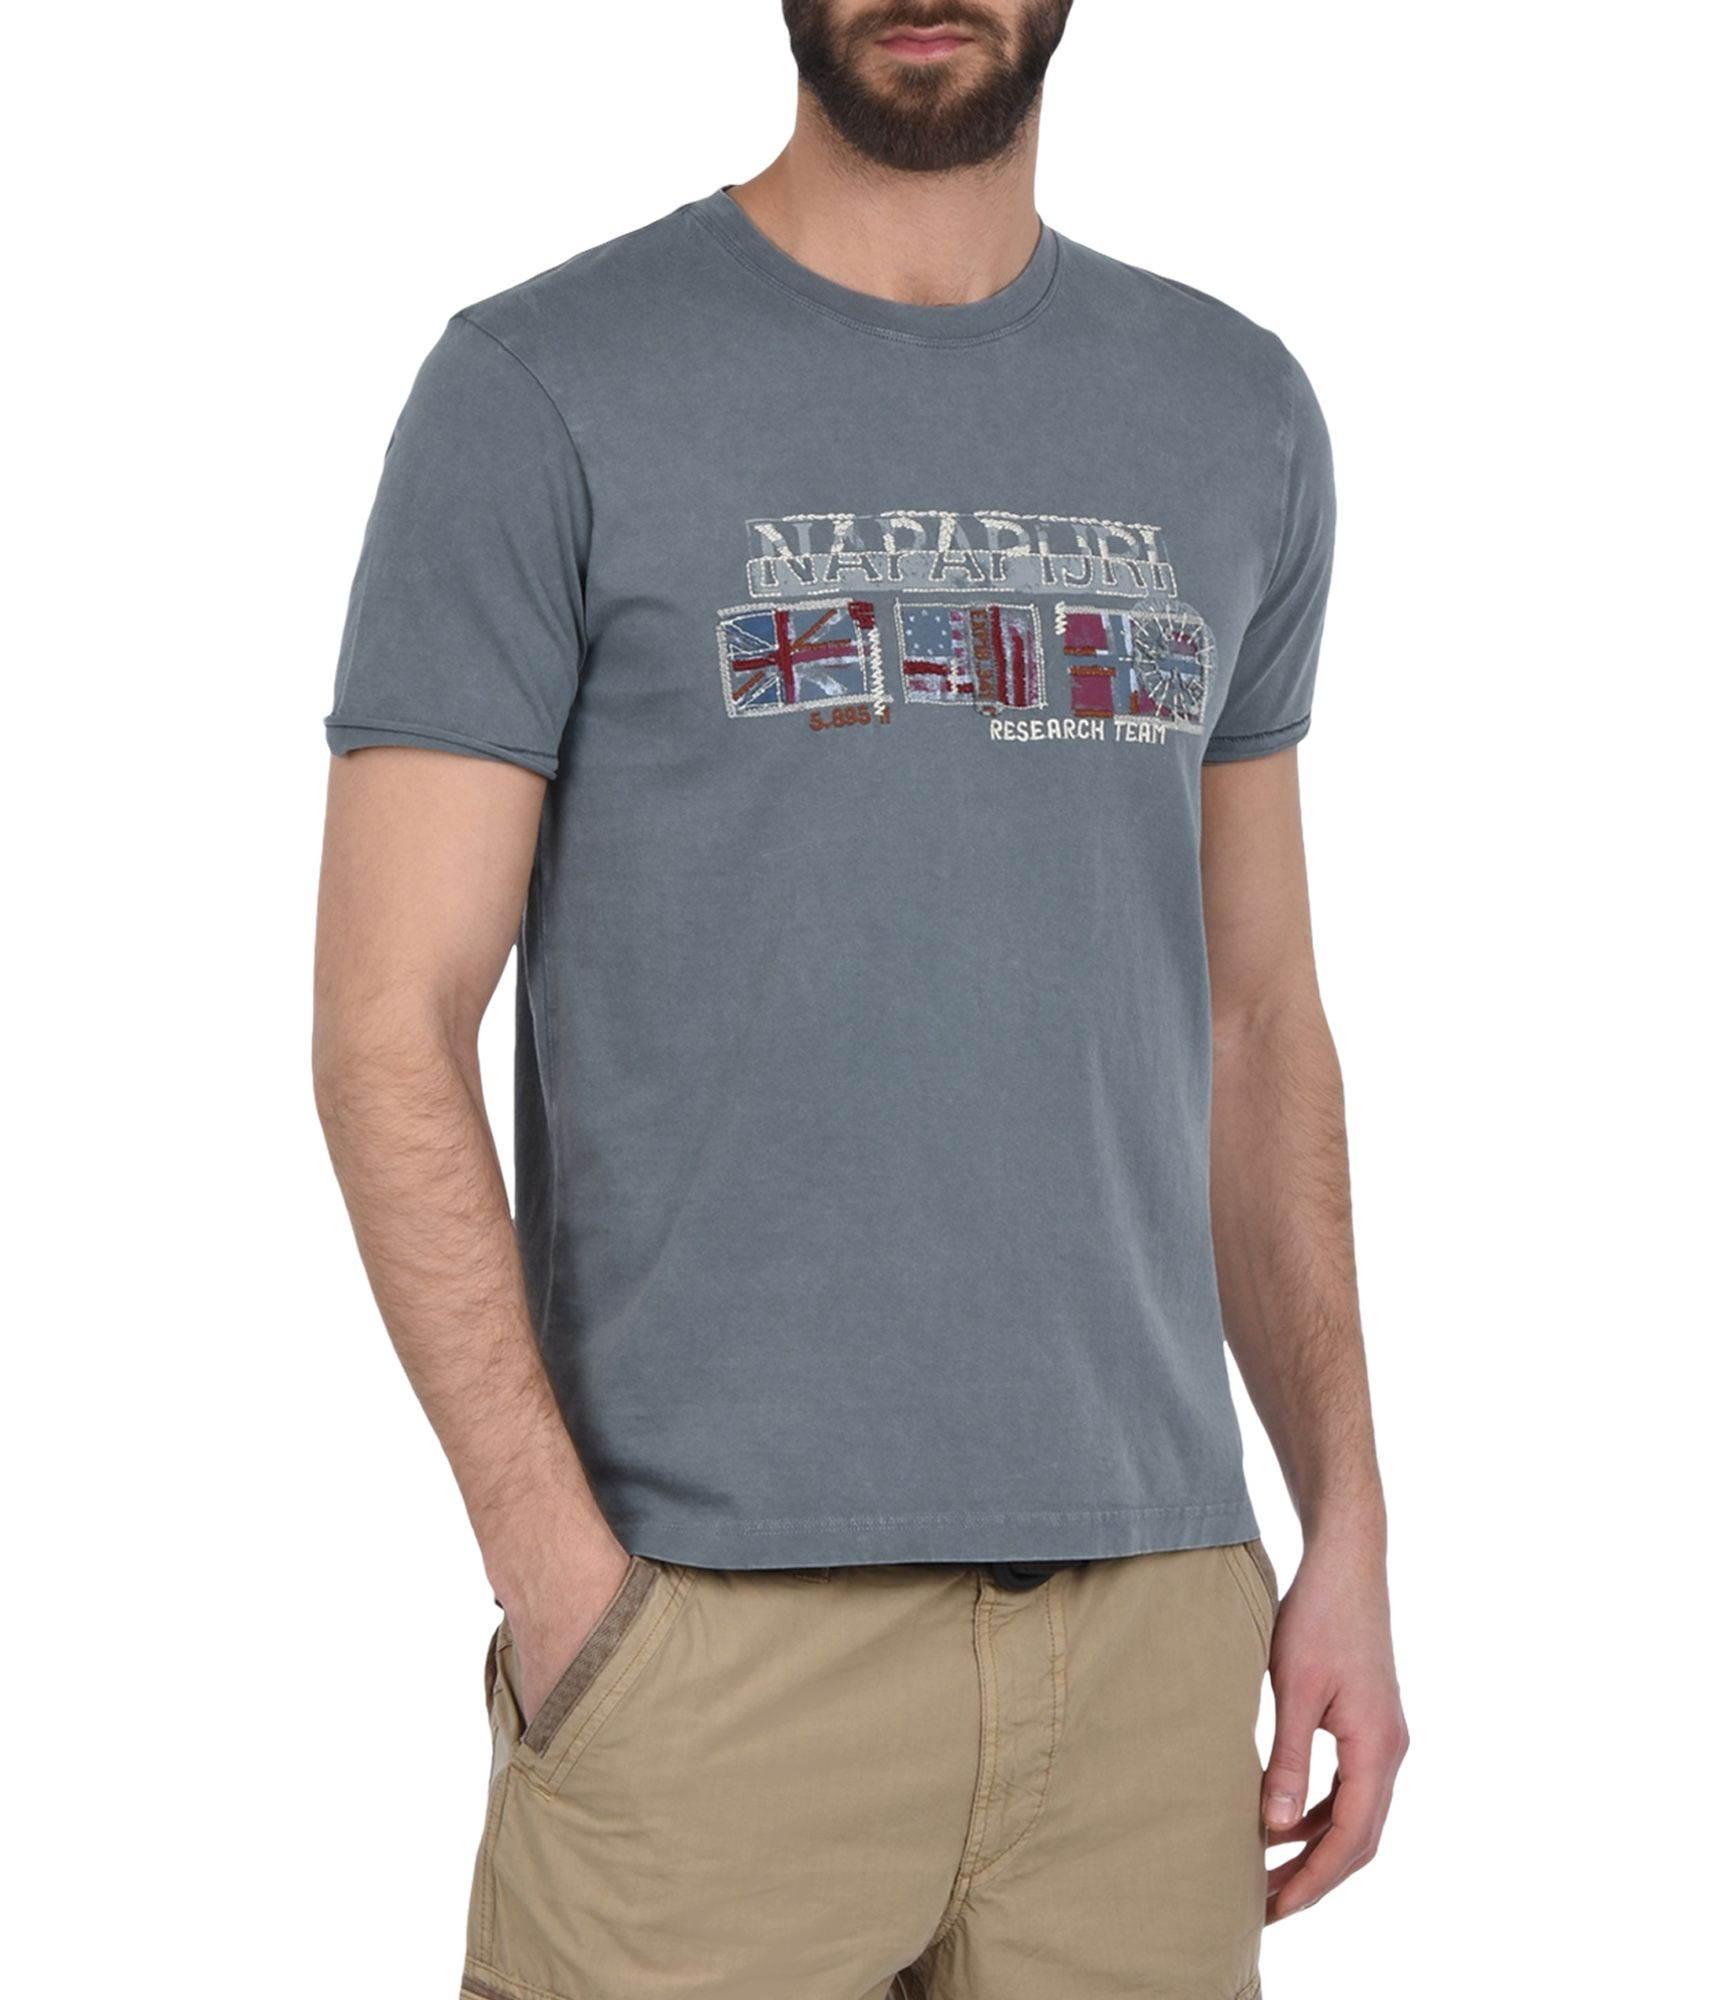 Artikel klicken und genauer betrachten! - Rundhals-T-Shirt mit kurzen Ärmeln Vintage-Effektbehandlung Grafikelemente | im Online Shop kaufen